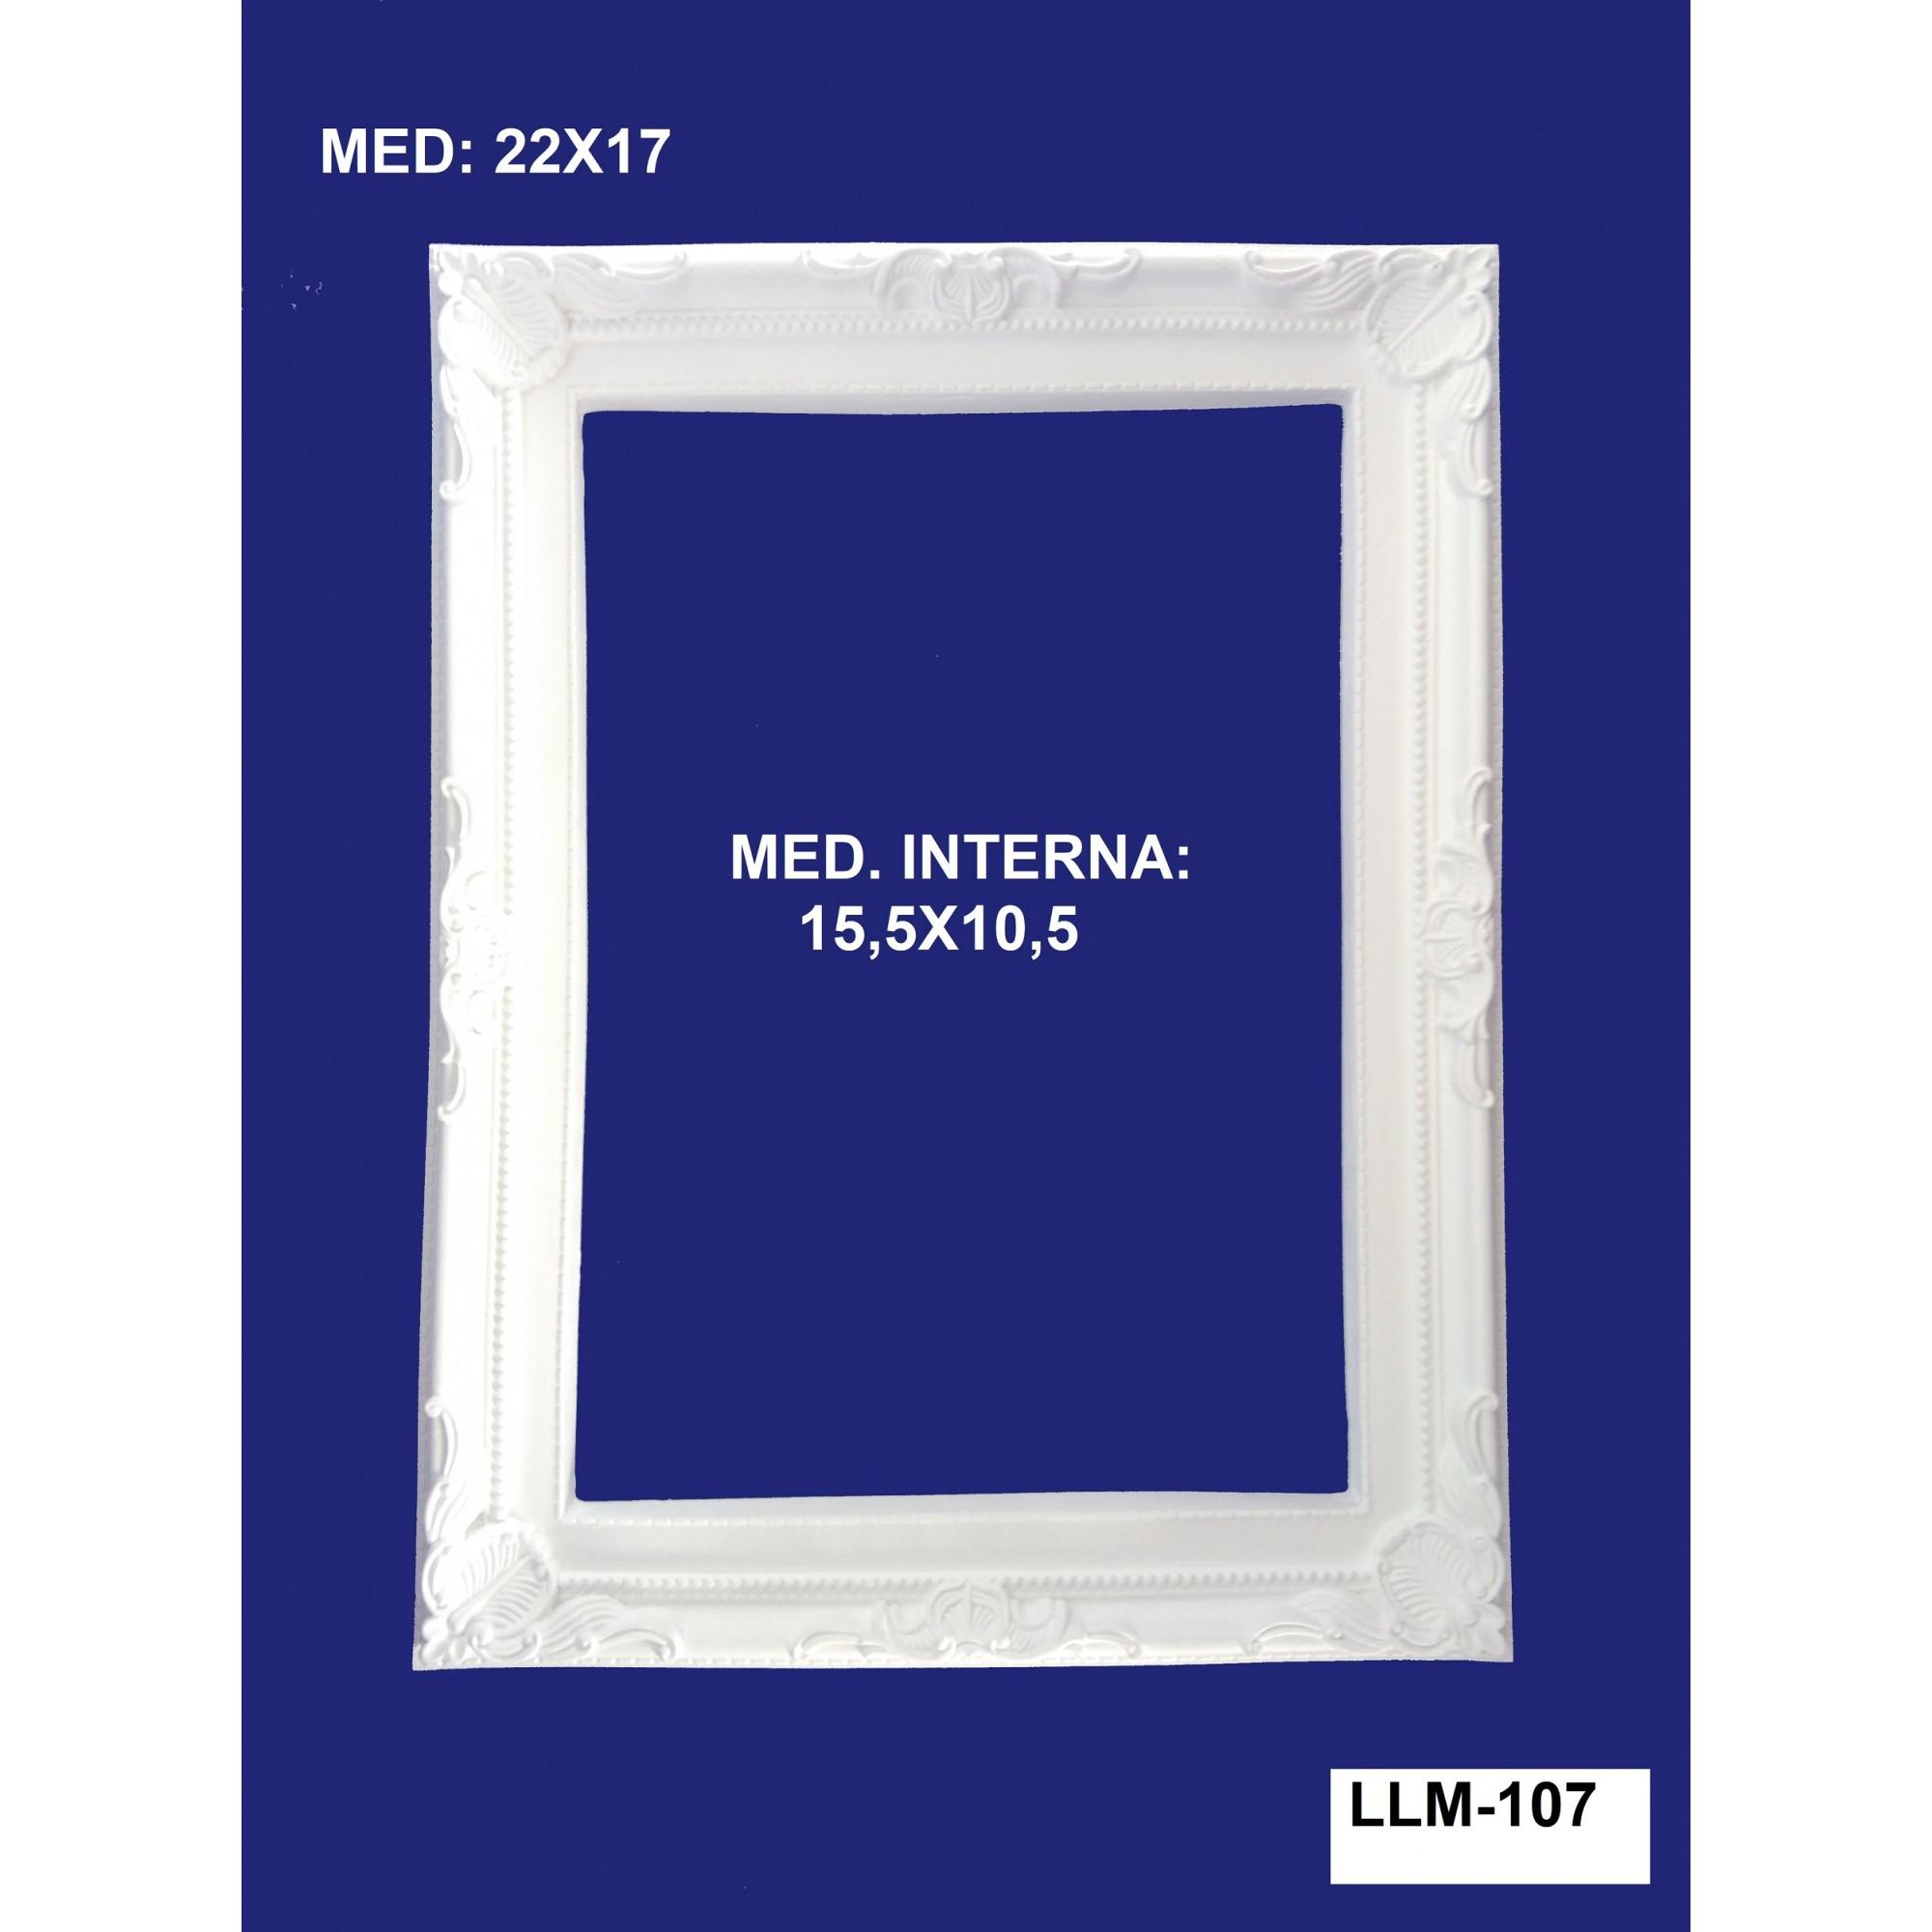 LLM-107 MOLDURA 22X17 INT: 15,5X10,5CM